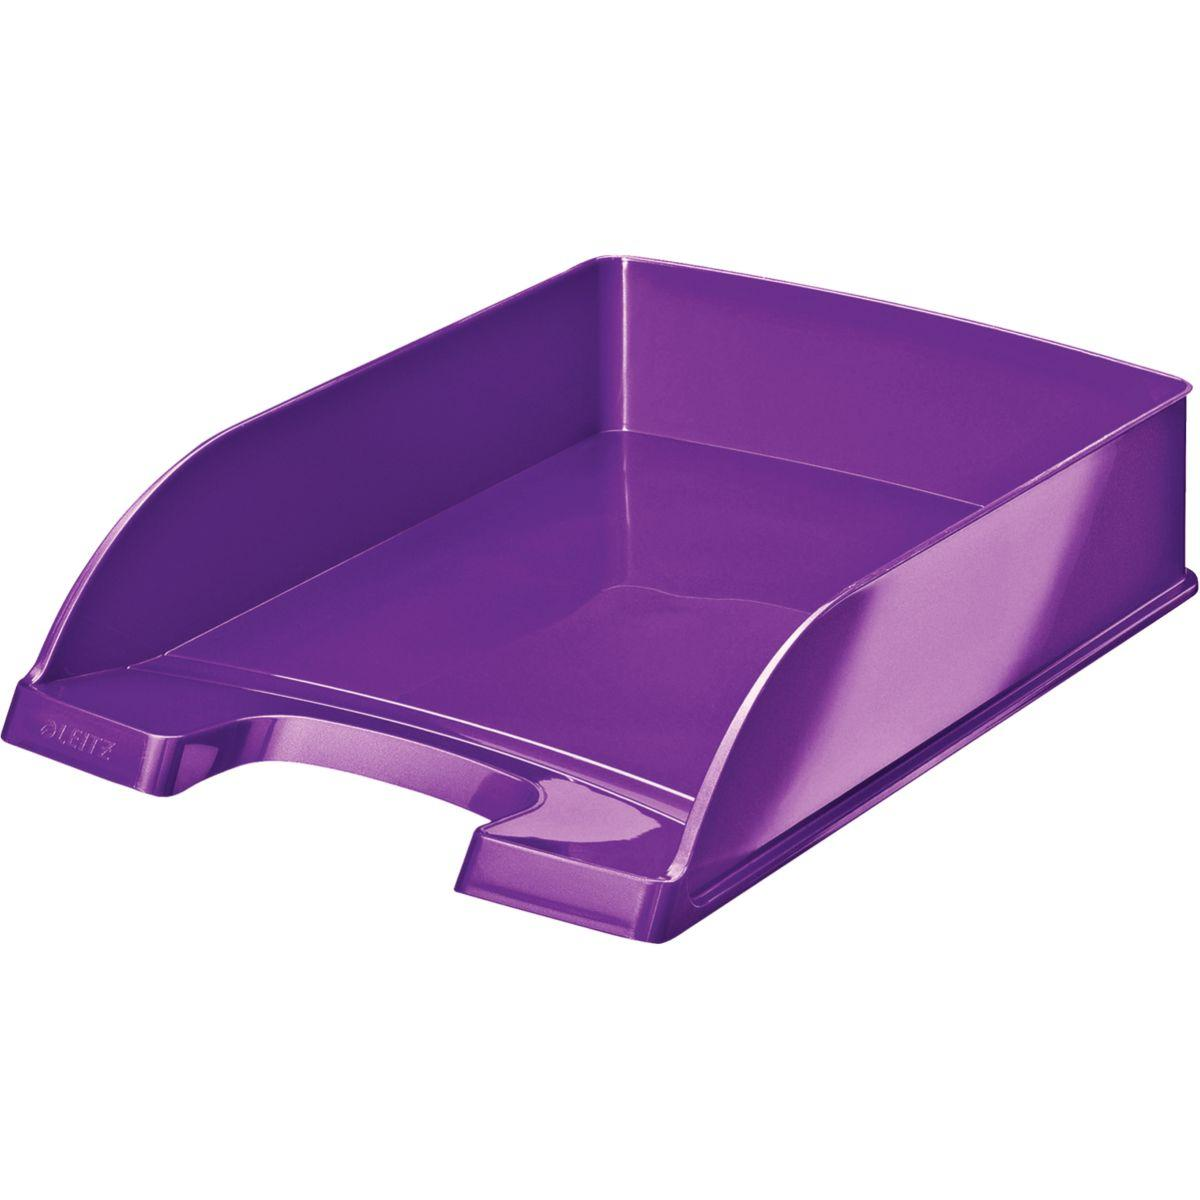 Bannette bureau leitz corbeille courrier a4 wow violet - 2% de remise imm�diate avec le code : automne2 (photo)